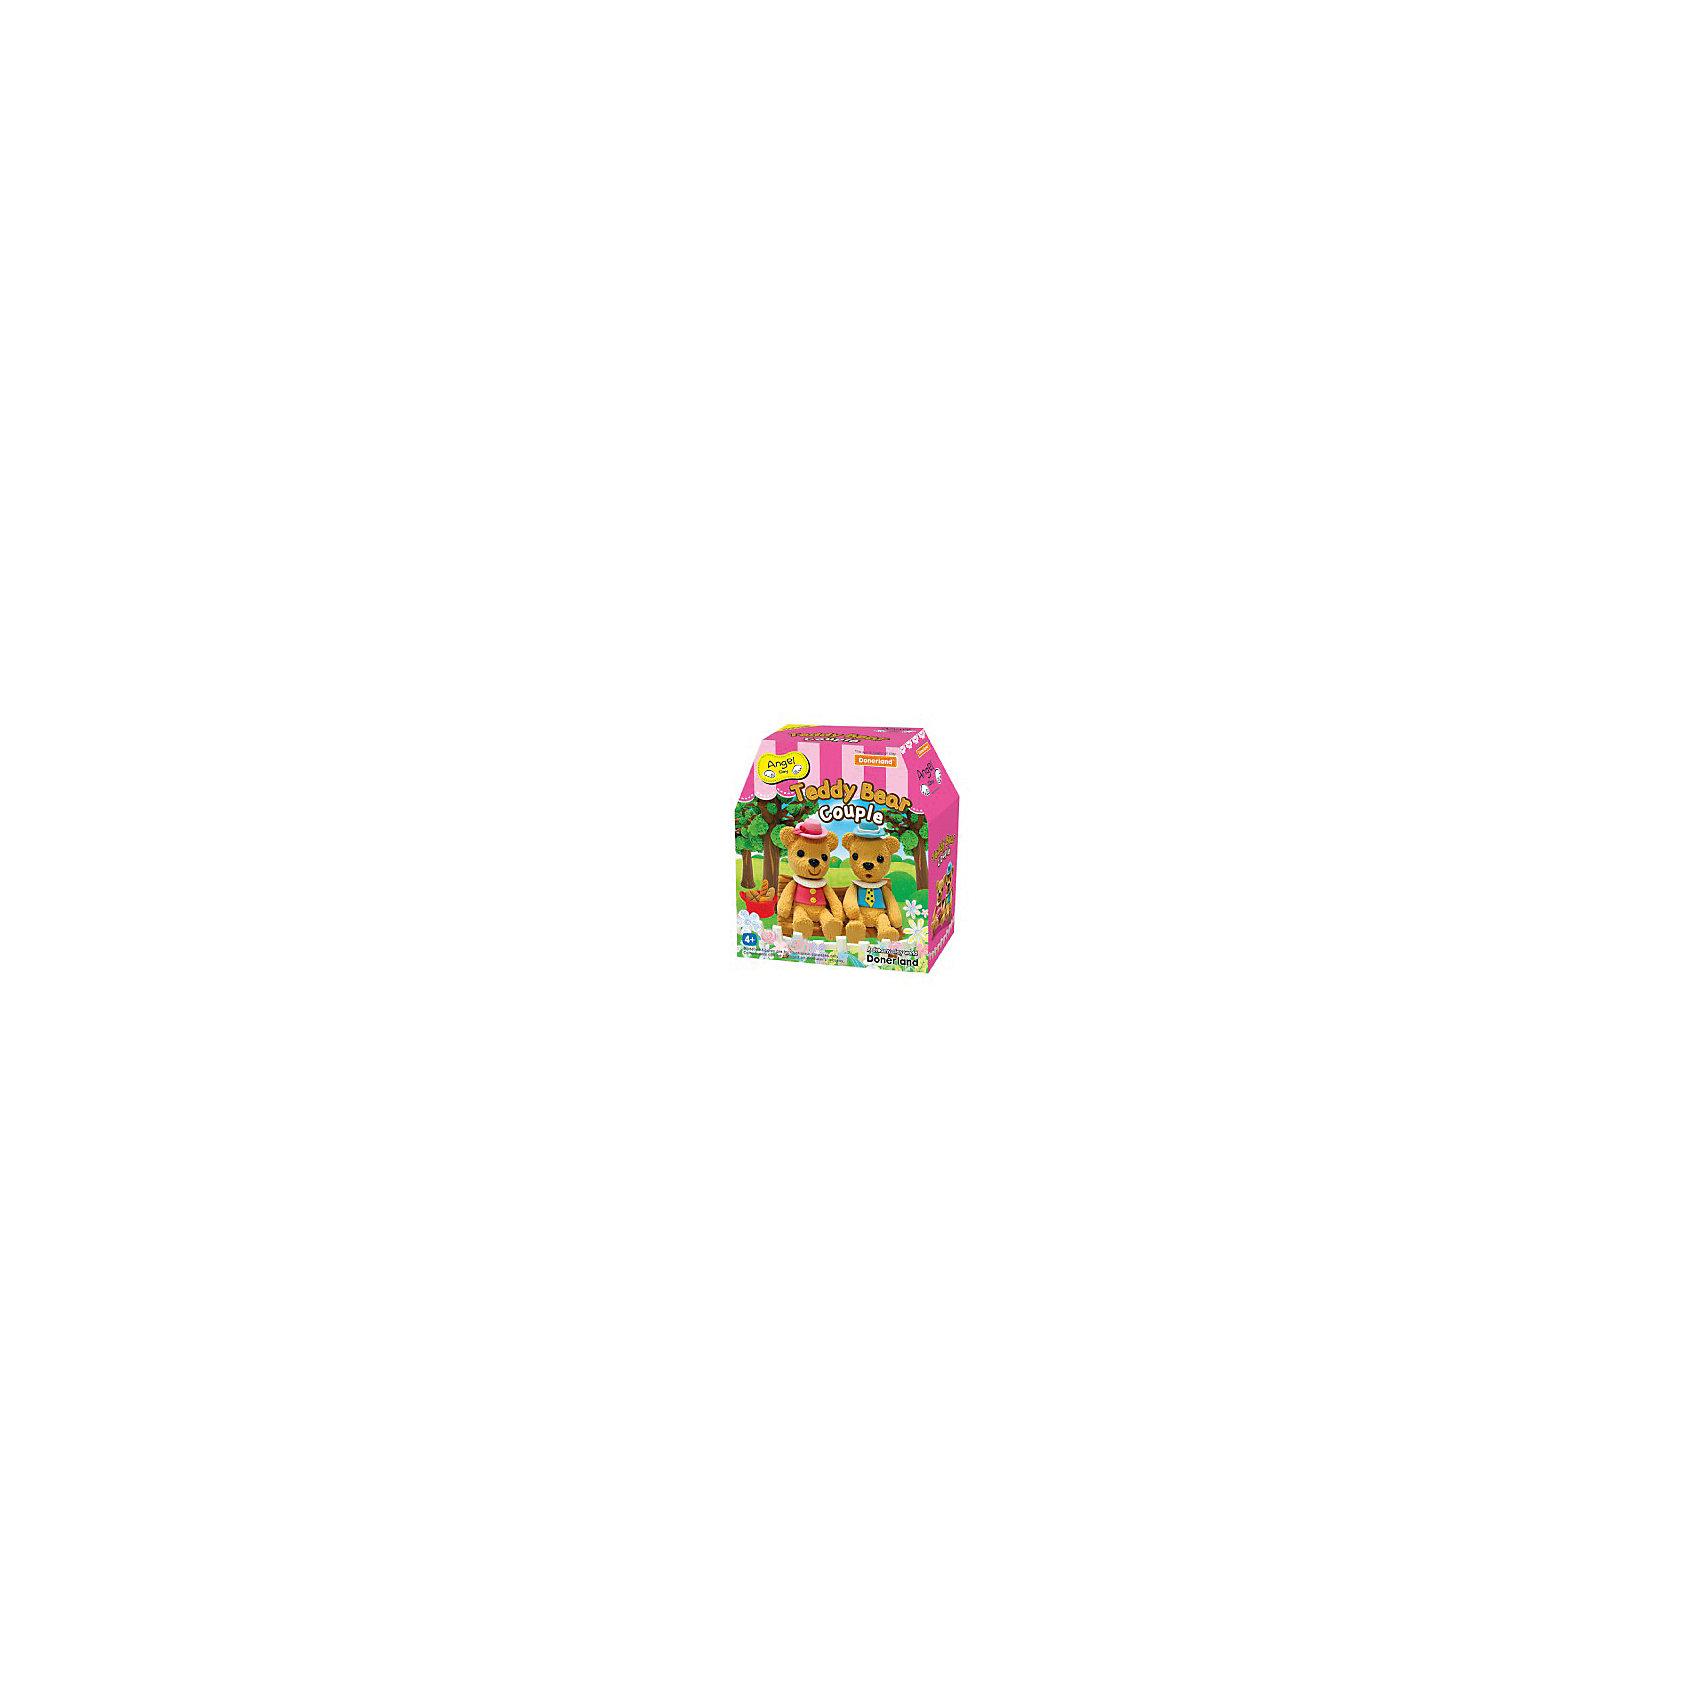 Набор для творчества Мишка Тедди, Angel ClayНабор для творчества Мишка Тедди, Angel Clay(Энджел Клей).<br><br>Харкатеристики:<br><br>• Материал: полимеры, целлюлоза, добавки, вода.<br>• Размер упаковки: 14х15х6 см.<br>• Вес: 0.3 кг. <br><br>Глина для детского творчества « Мишка Тедди» помогает развить творческие способности вашего ребенка. Мягкая глина напоминает пластилин, но она имеет ряд преимуществ: легко принимает нужную форму, не прилипает к рукам и одежде, не оставляет пятен. Ребенок с радостью будет развивать свою фантазию во время процесса лепки. Лепка игрушек из глины снимает напряжение, а также развивает мелкую моторику. Можно лепить животных, сказочных героев, тарелочки, кружки. Также в наборе имеются специальные принадлежности для декорирования. В комплекте: - глина;- инструменты для лепки;- декоративные элементы. <br><br>Набор для творчества Мишка Тедди, Angel Clay(Энджел Клей), можно купить в нашем интернет – магазине.<br><br>Ширина мм: 135<br>Глубина мм: 150<br>Высота мм: 55<br>Вес г: 150<br>Возраст от месяцев: 36<br>Возраст до месяцев: 2147483647<br>Пол: Женский<br>Возраст: Детский<br>SKU: 5104603